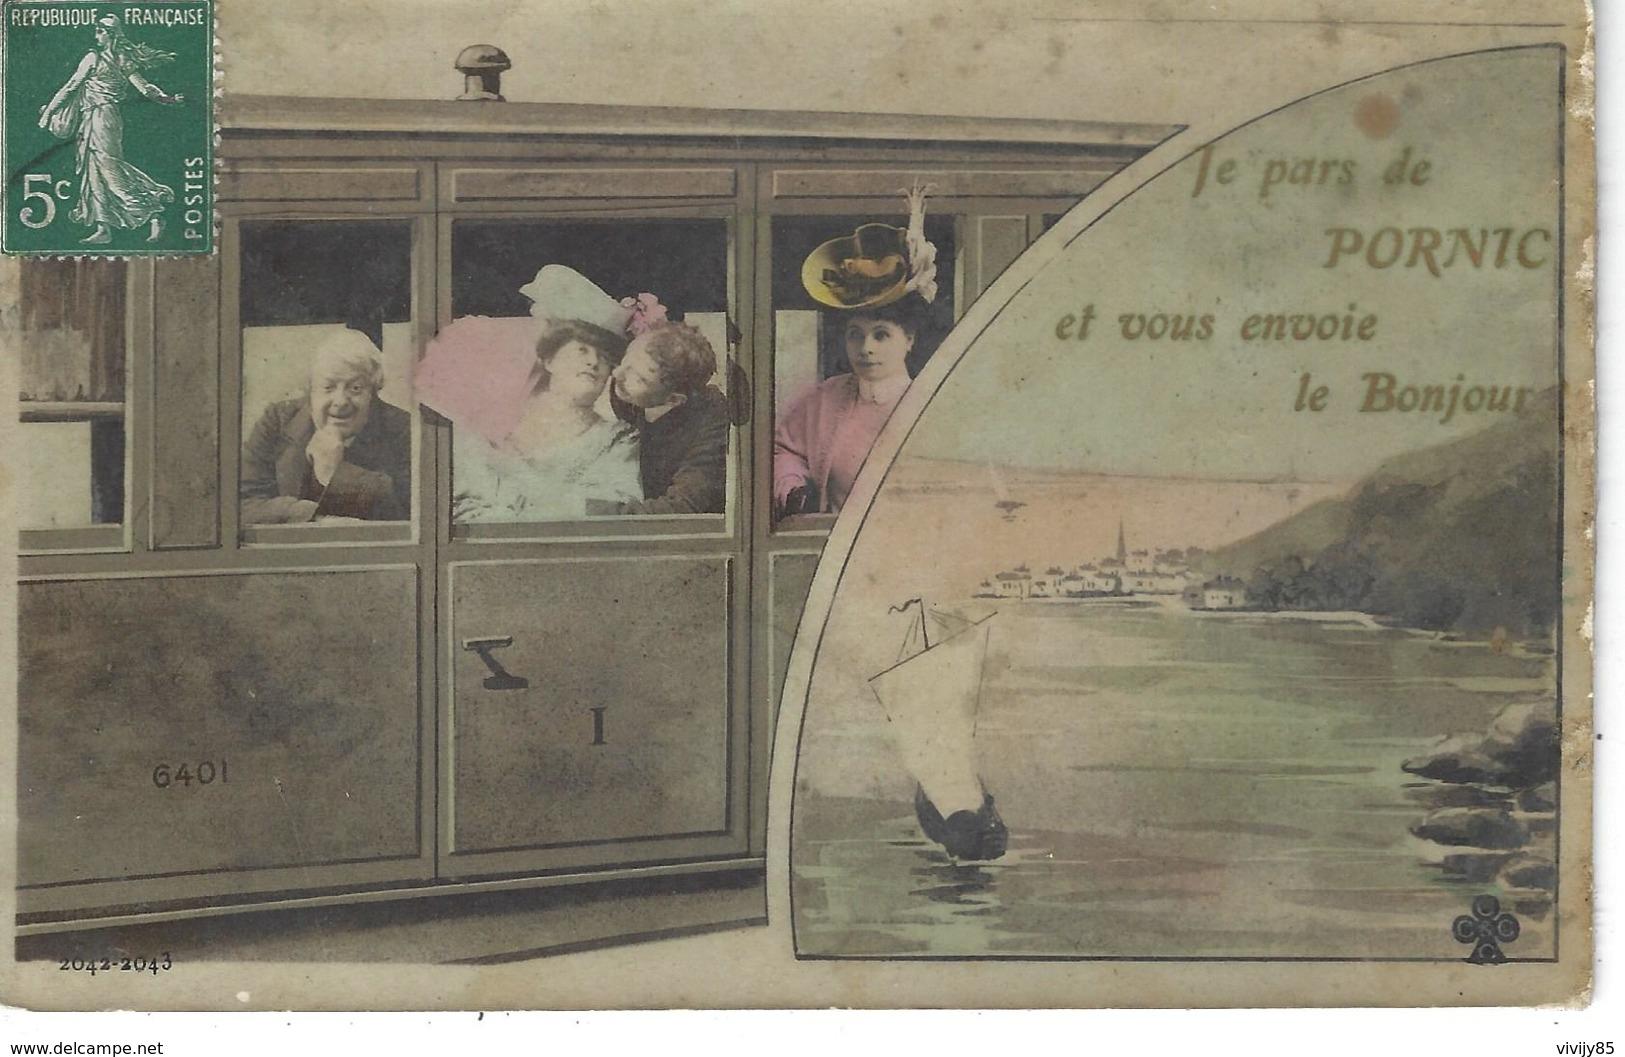 """44 - PORNIC - Carte Fantaisie Multi Vues """" Je Pars De Pornic Et Vous Envoie Le Bonjour """" ( Train Voyageurs , Bâteau ) - Pornic"""